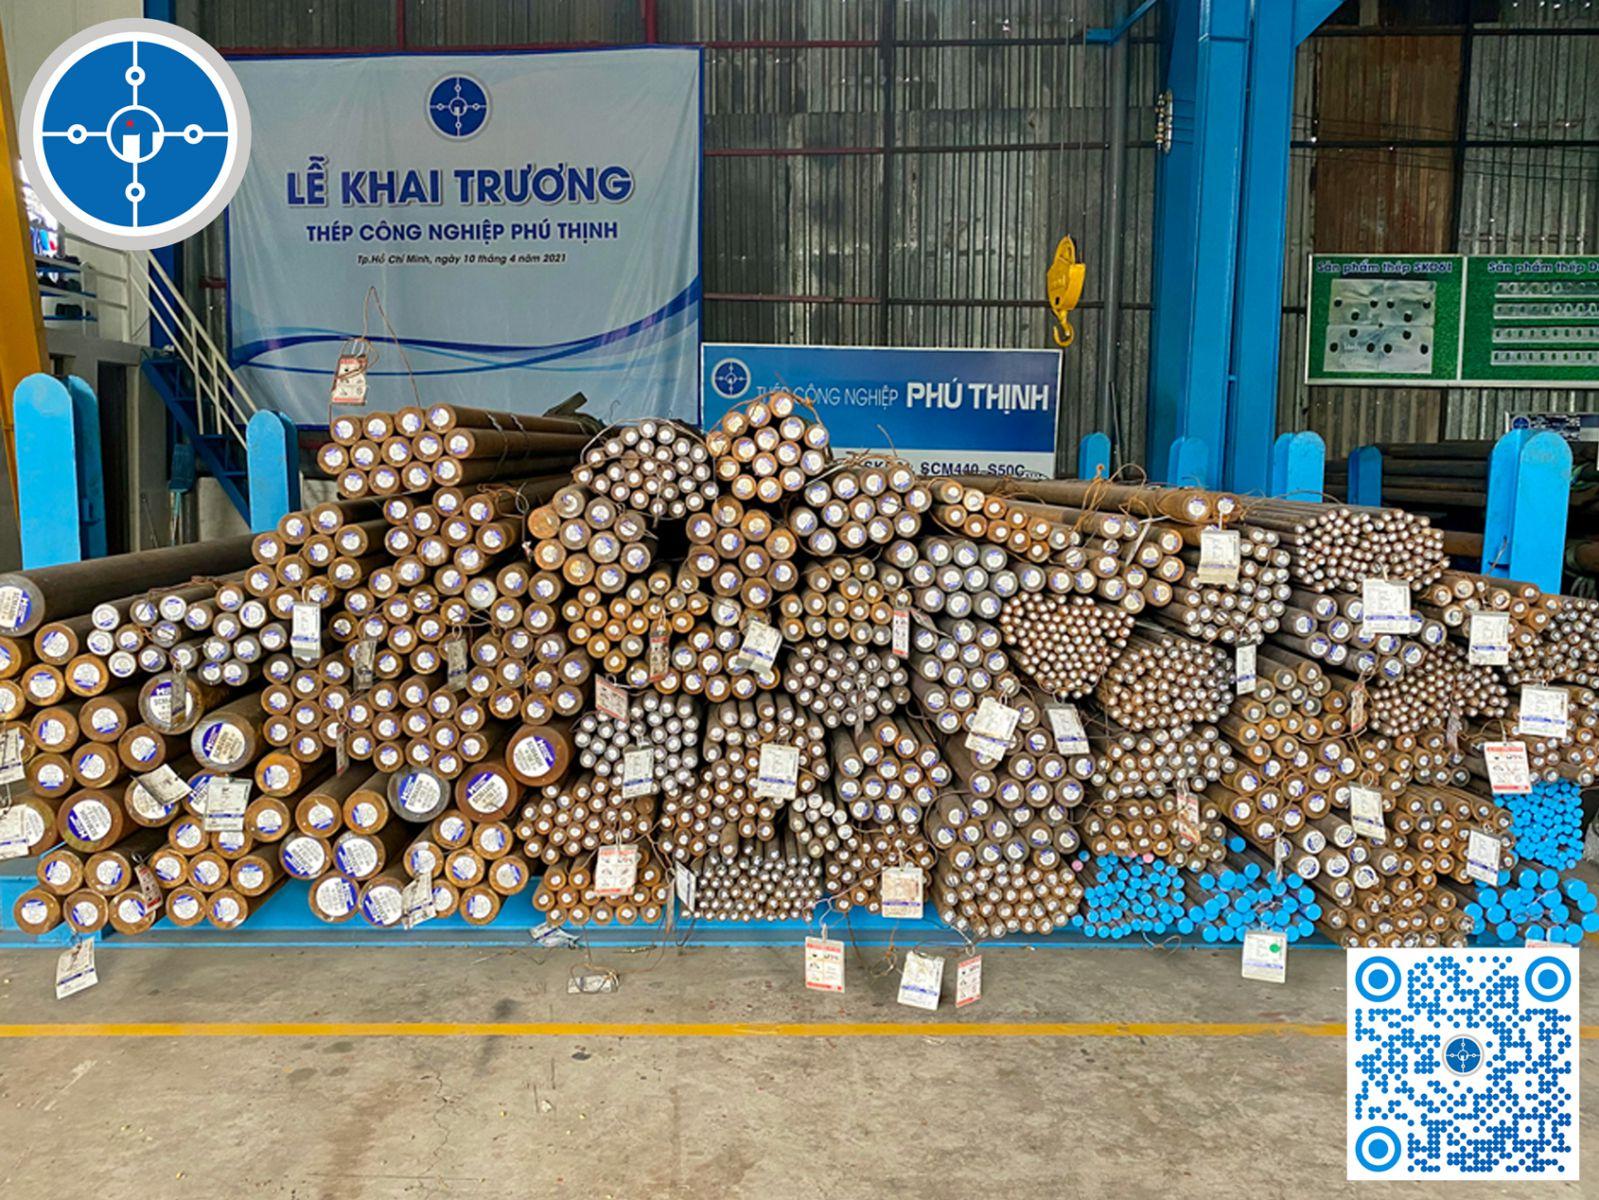 Cung cấp thép SCM440 của nhà sản xuất thép lớn thứ 2 Hàn Quốc - Hyundai Steel